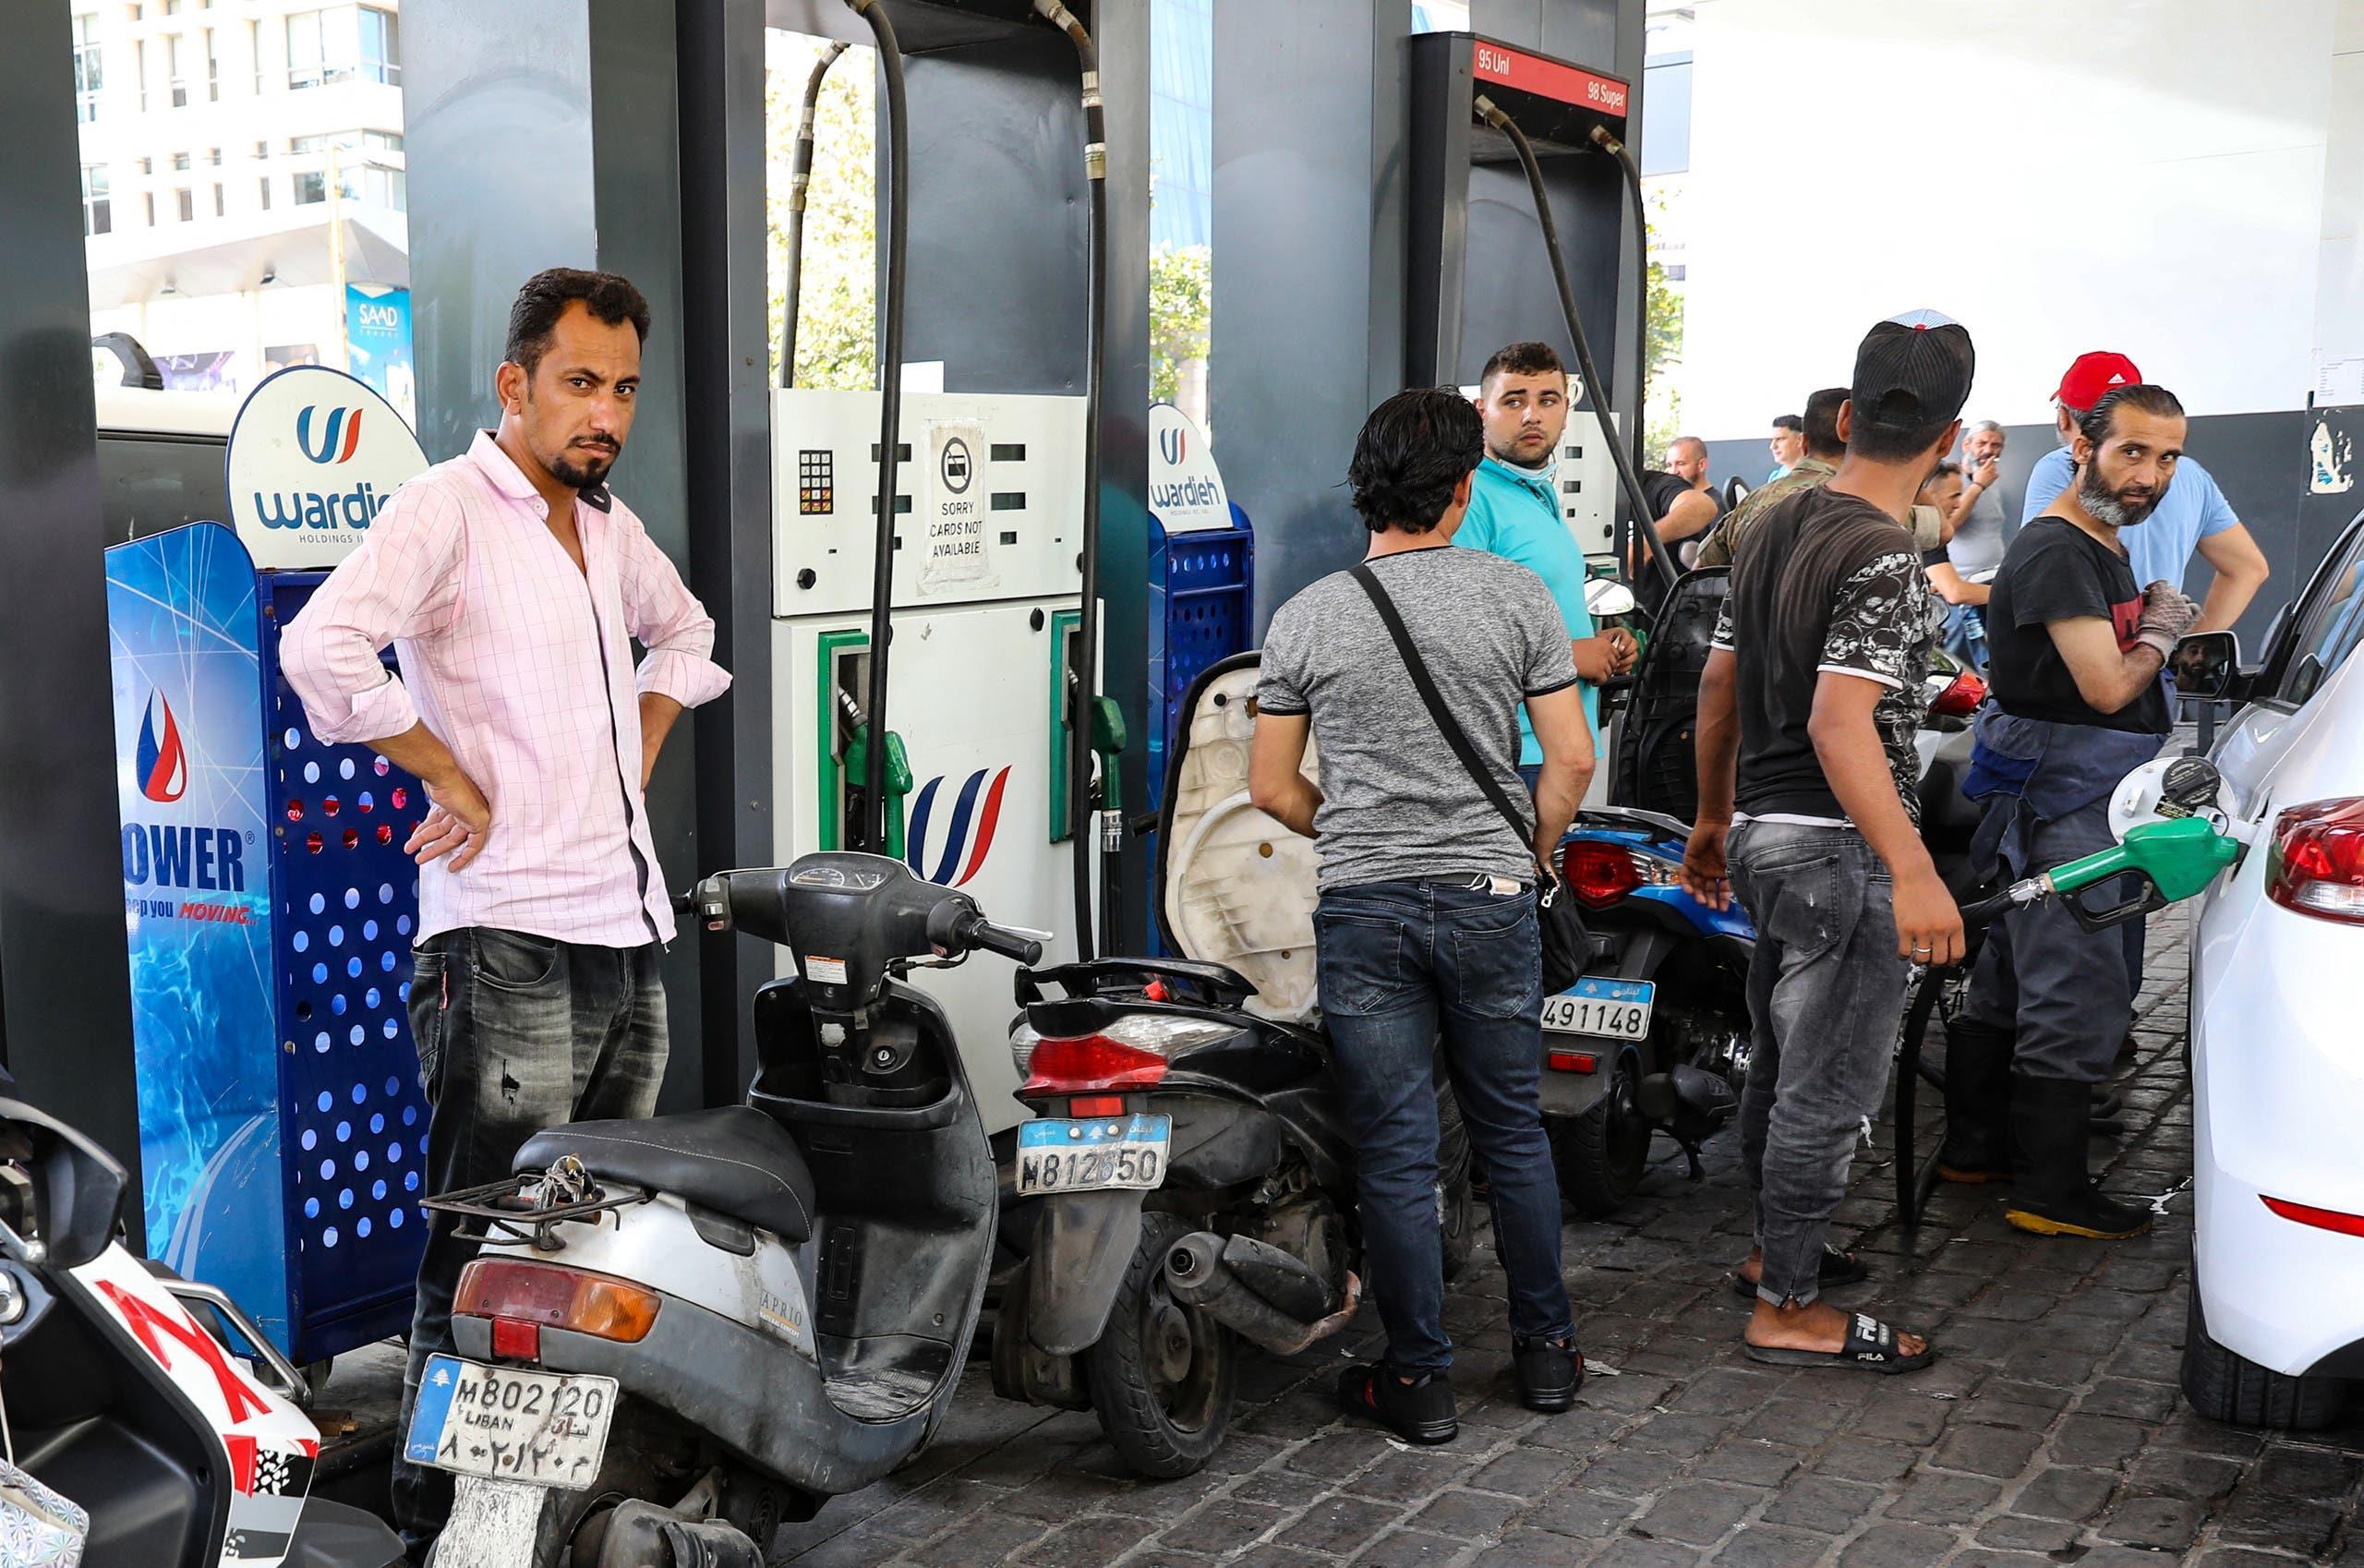 زيادة جديد في سعر المحروقات...إلى أين يمضي لبنان في سياق أزماته المتعددة؟